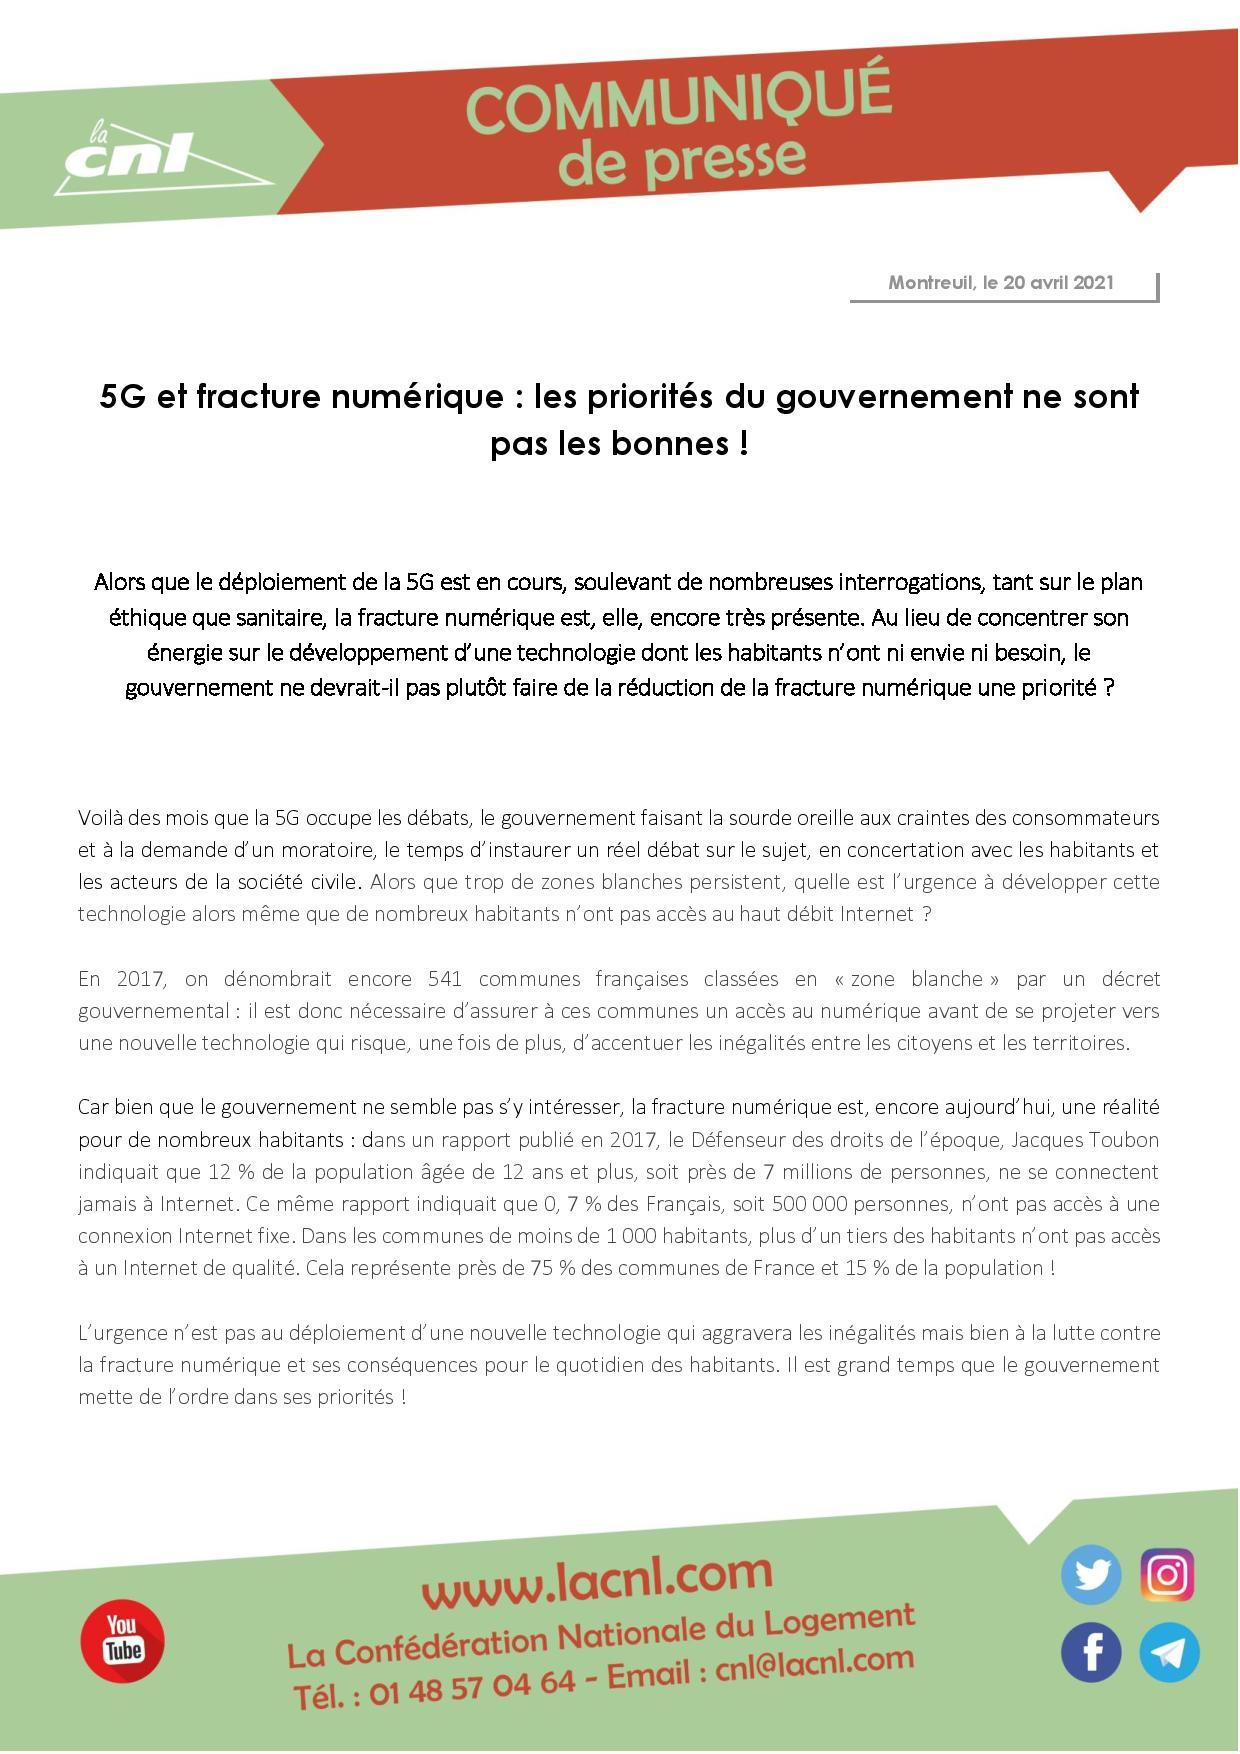 5G_Fracture_numerique-page-001